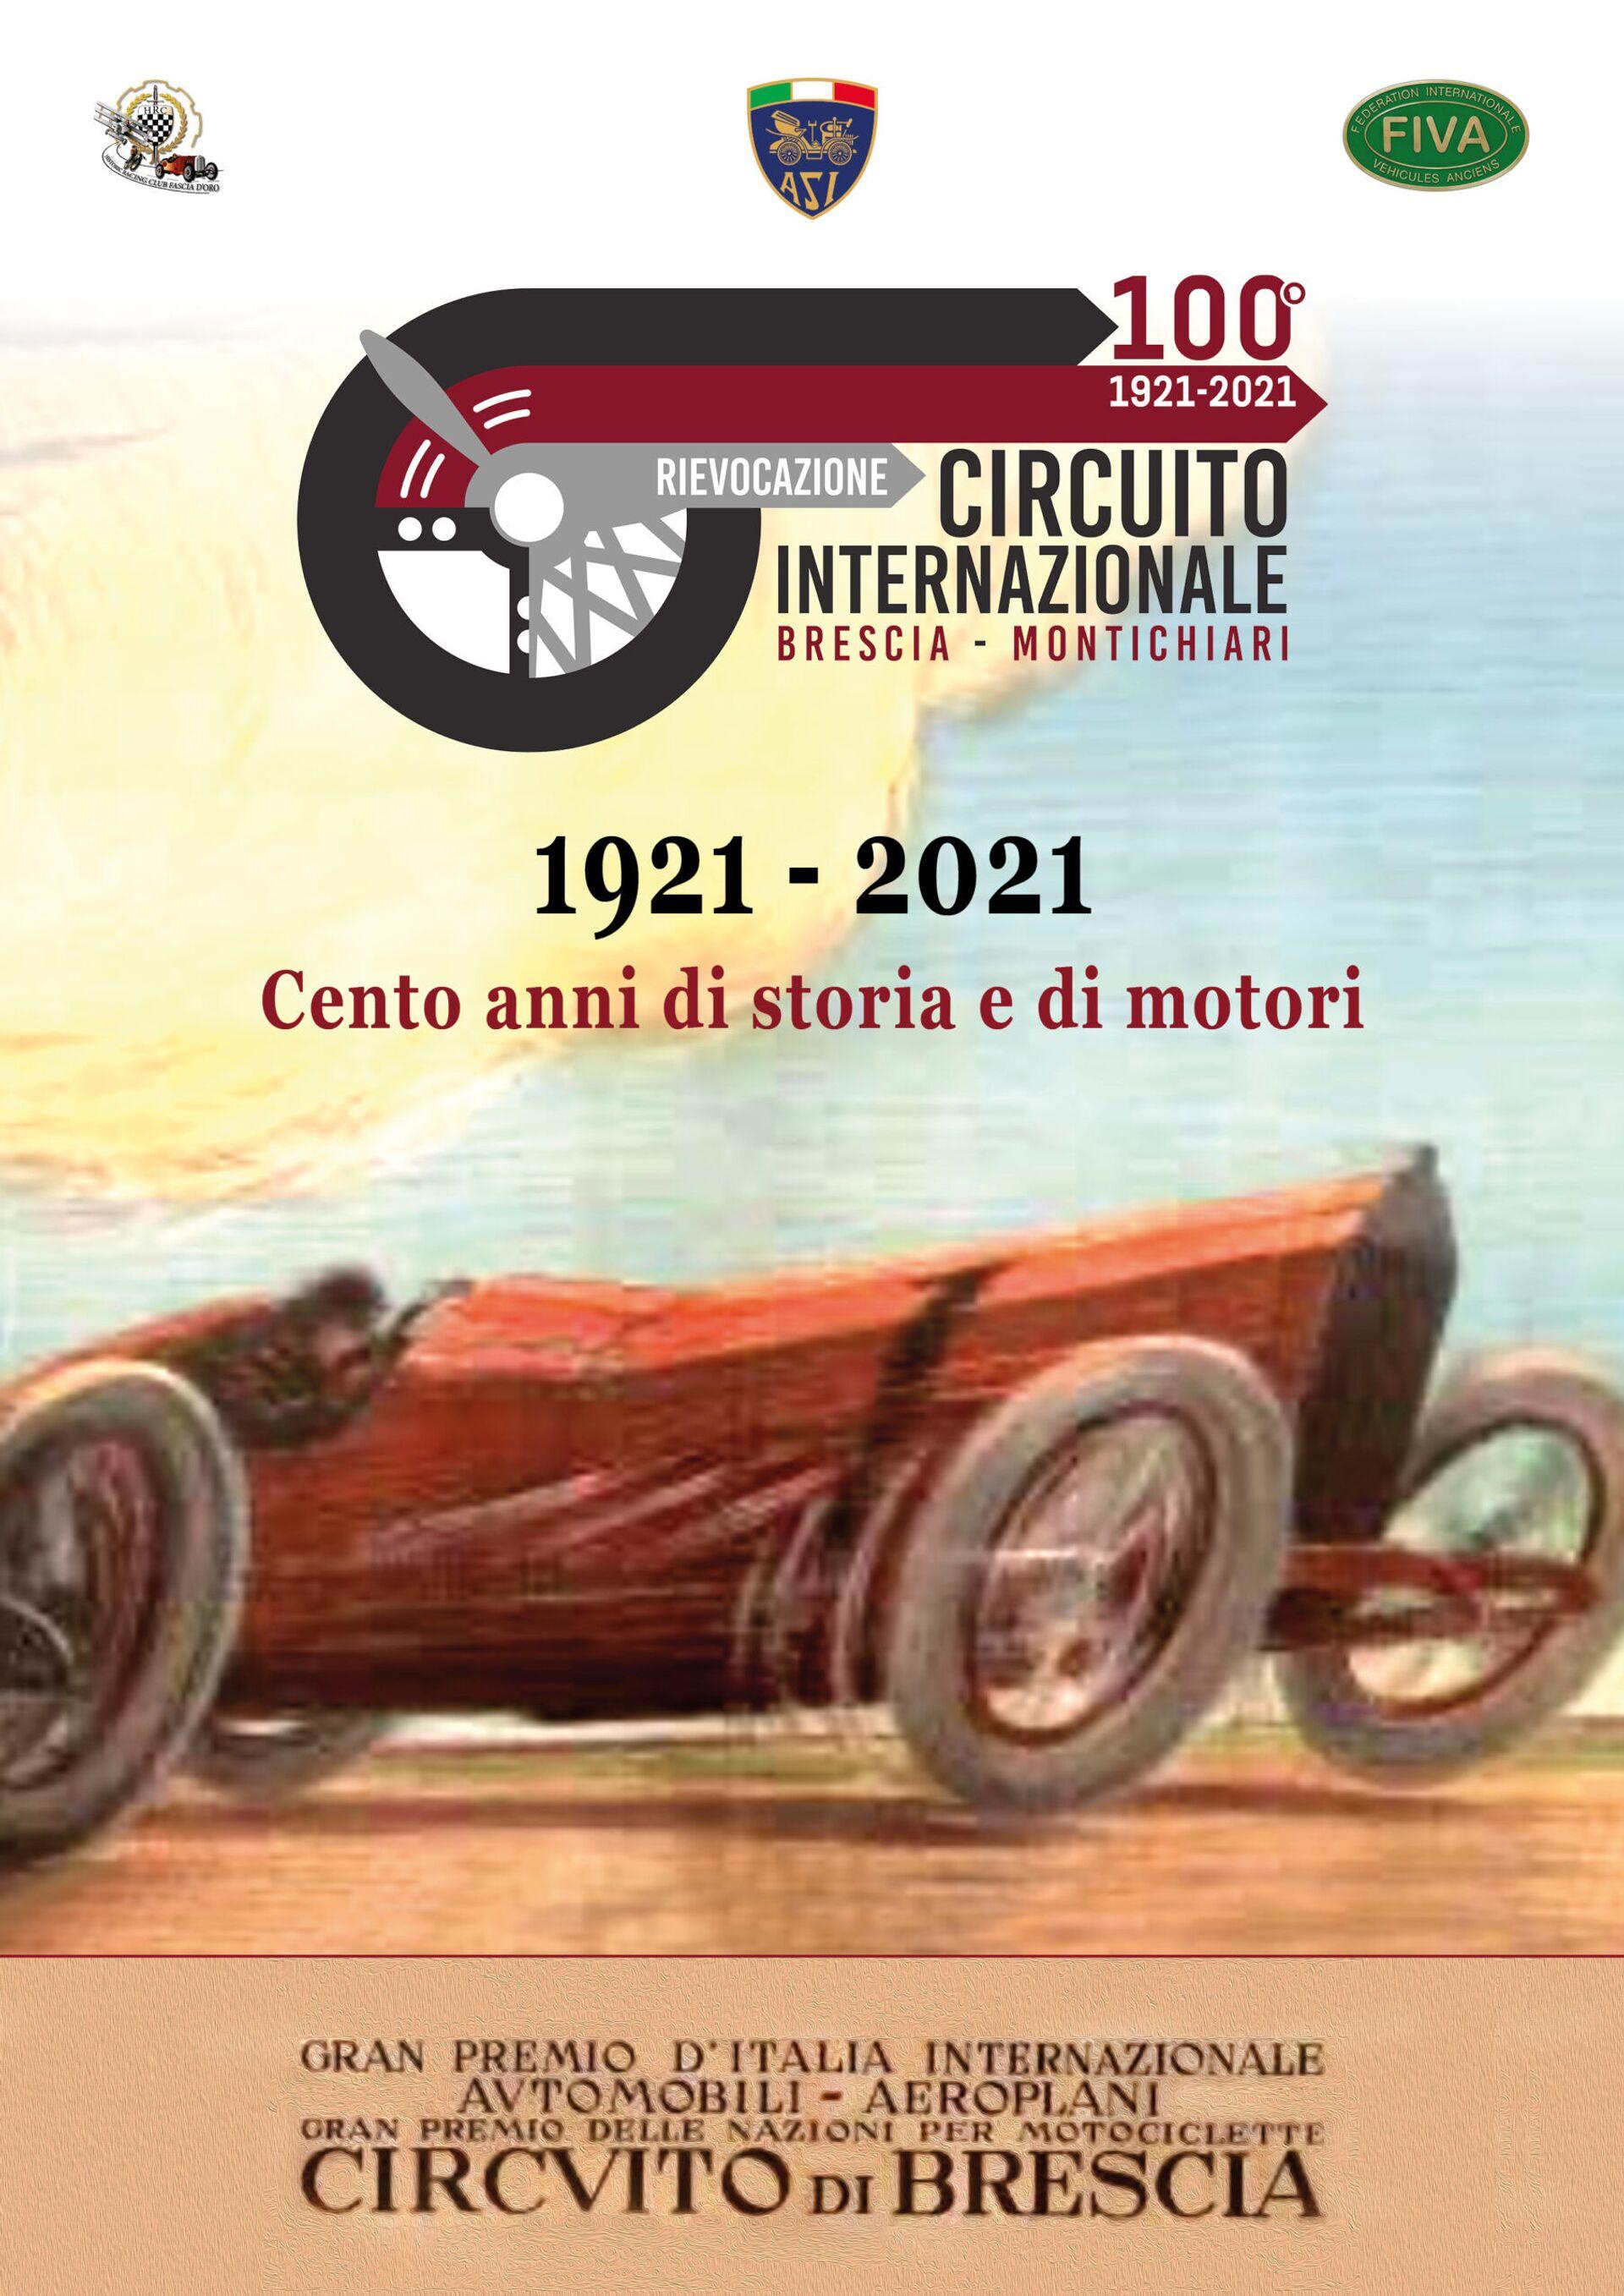 Auto d'epoca e biplani, a Brescia va in scena la rievocazione del primo Gran Premio d'Italia - Sputnik Italia, 1920, 11.03.2021